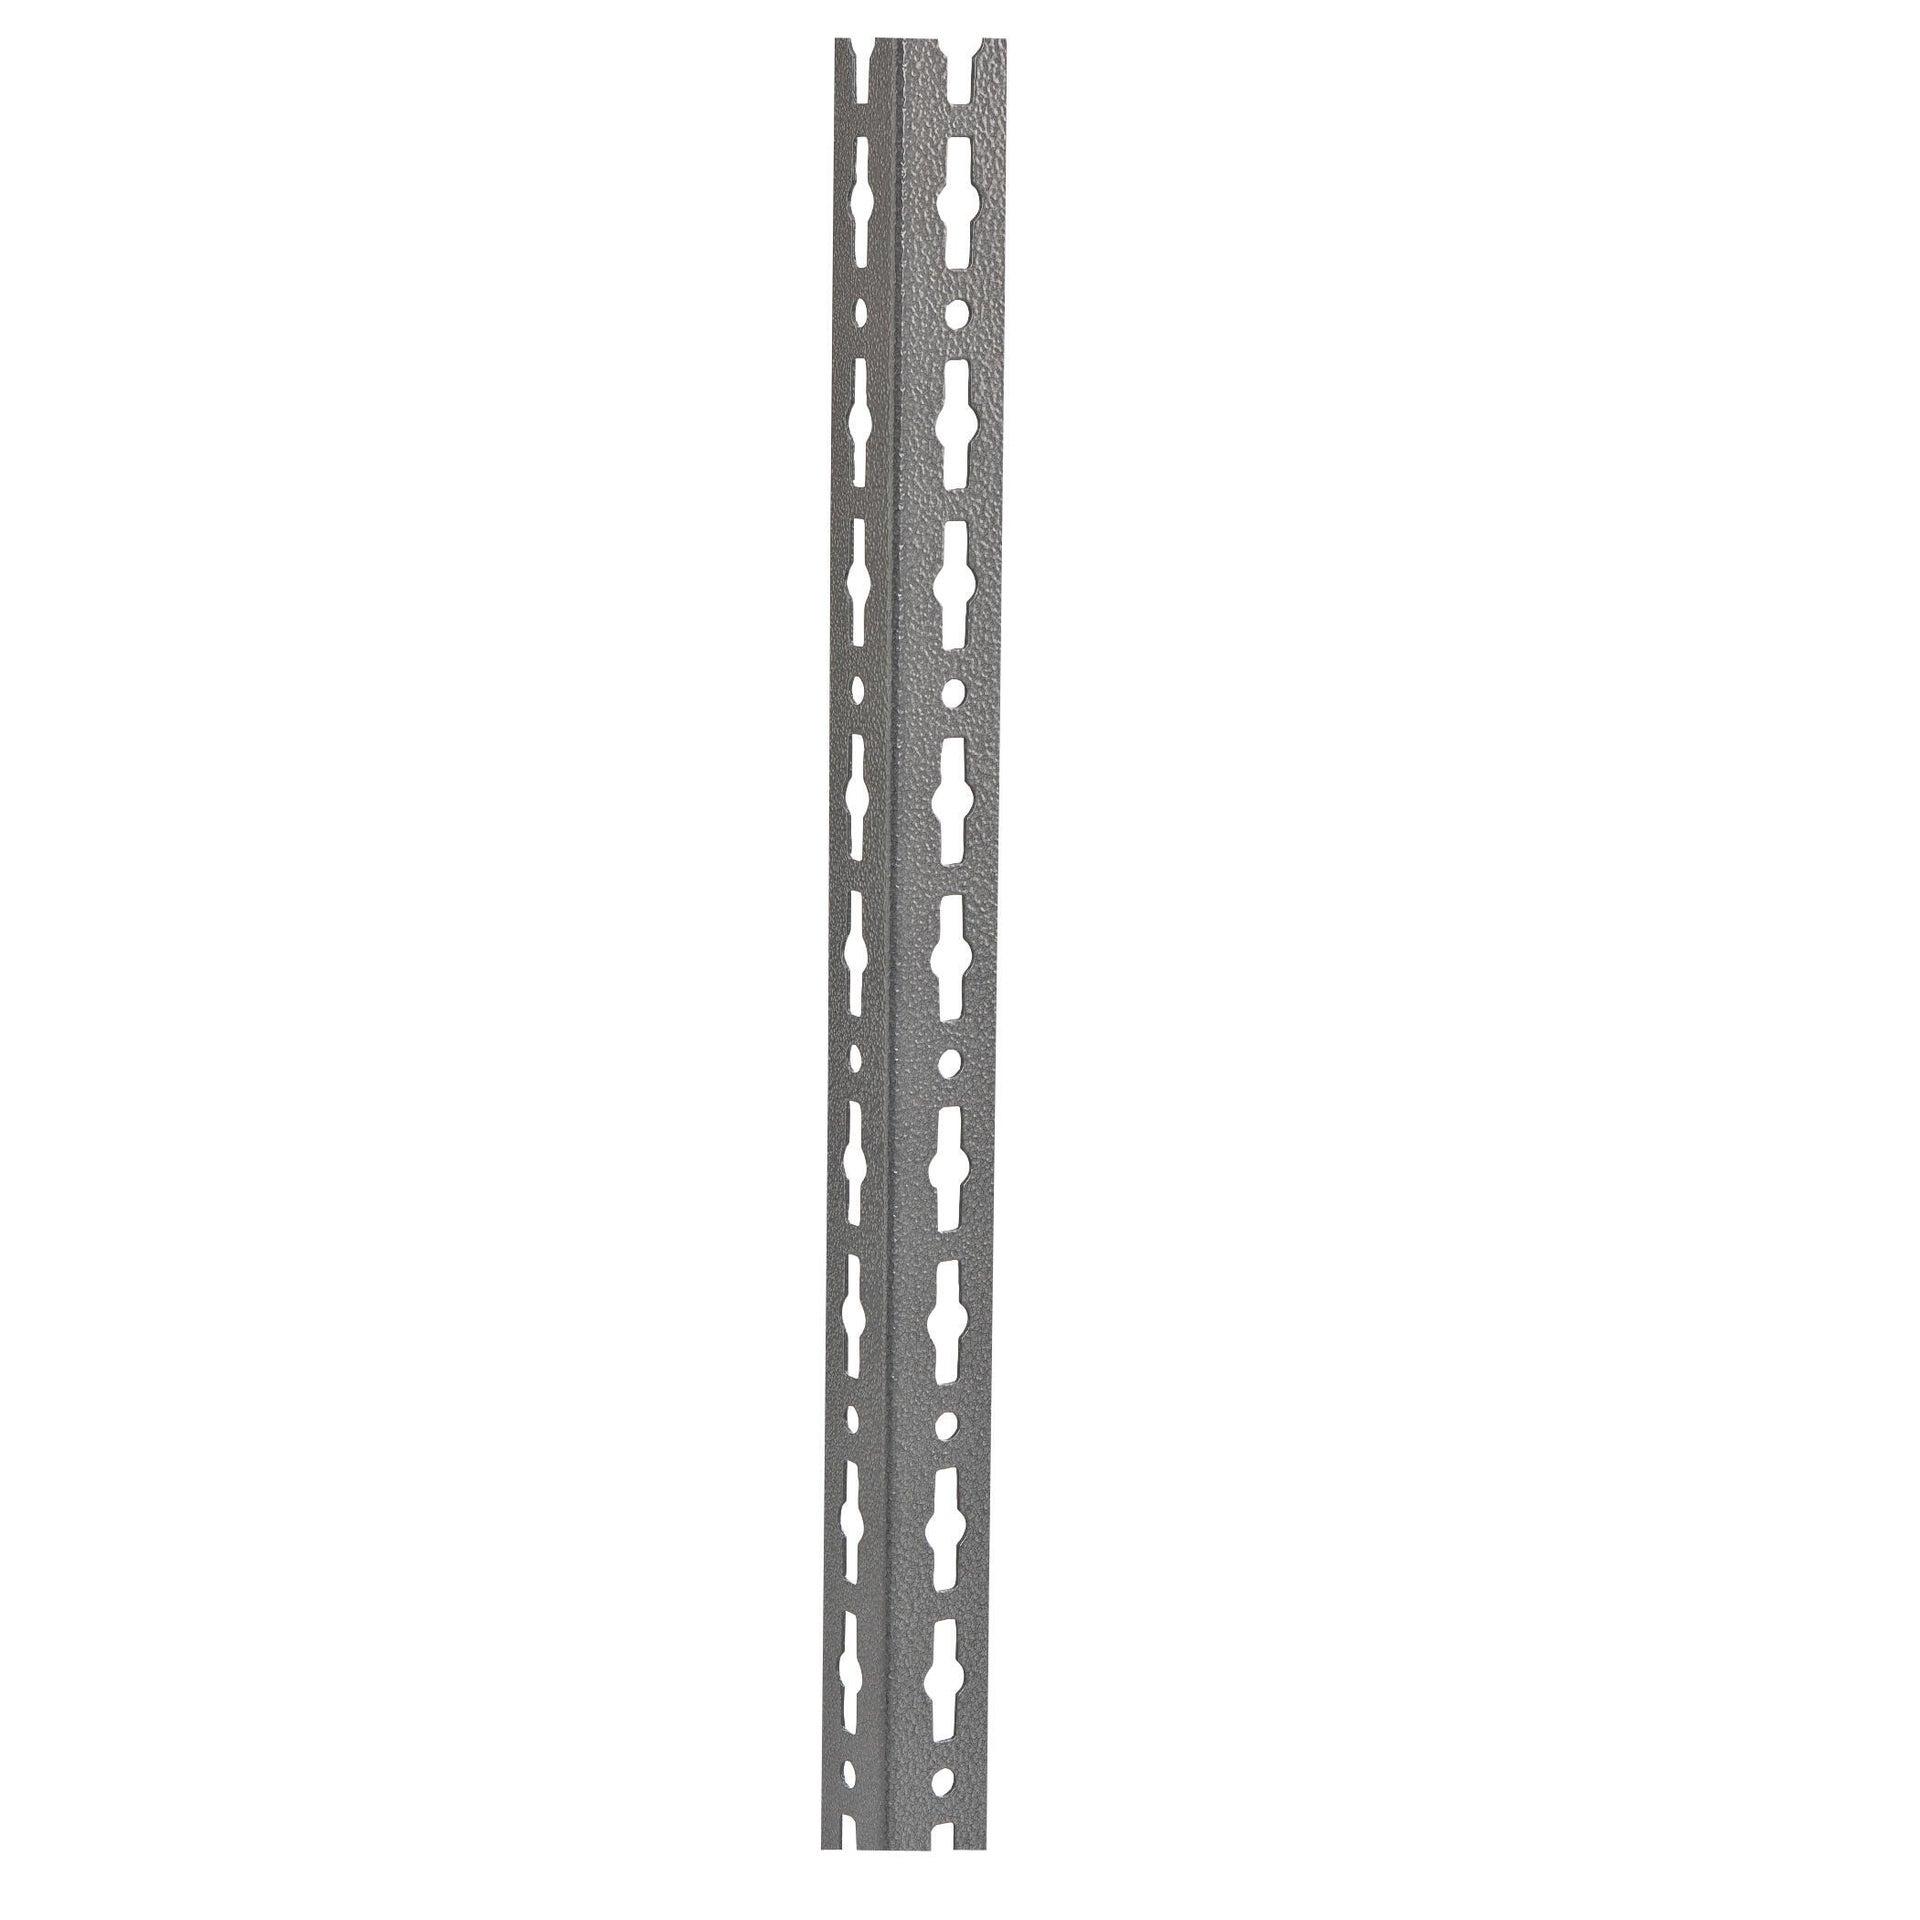 Montante in metallo angolare L 4 x H 150 x Sp 4 cm grigio / argento martellato - 2